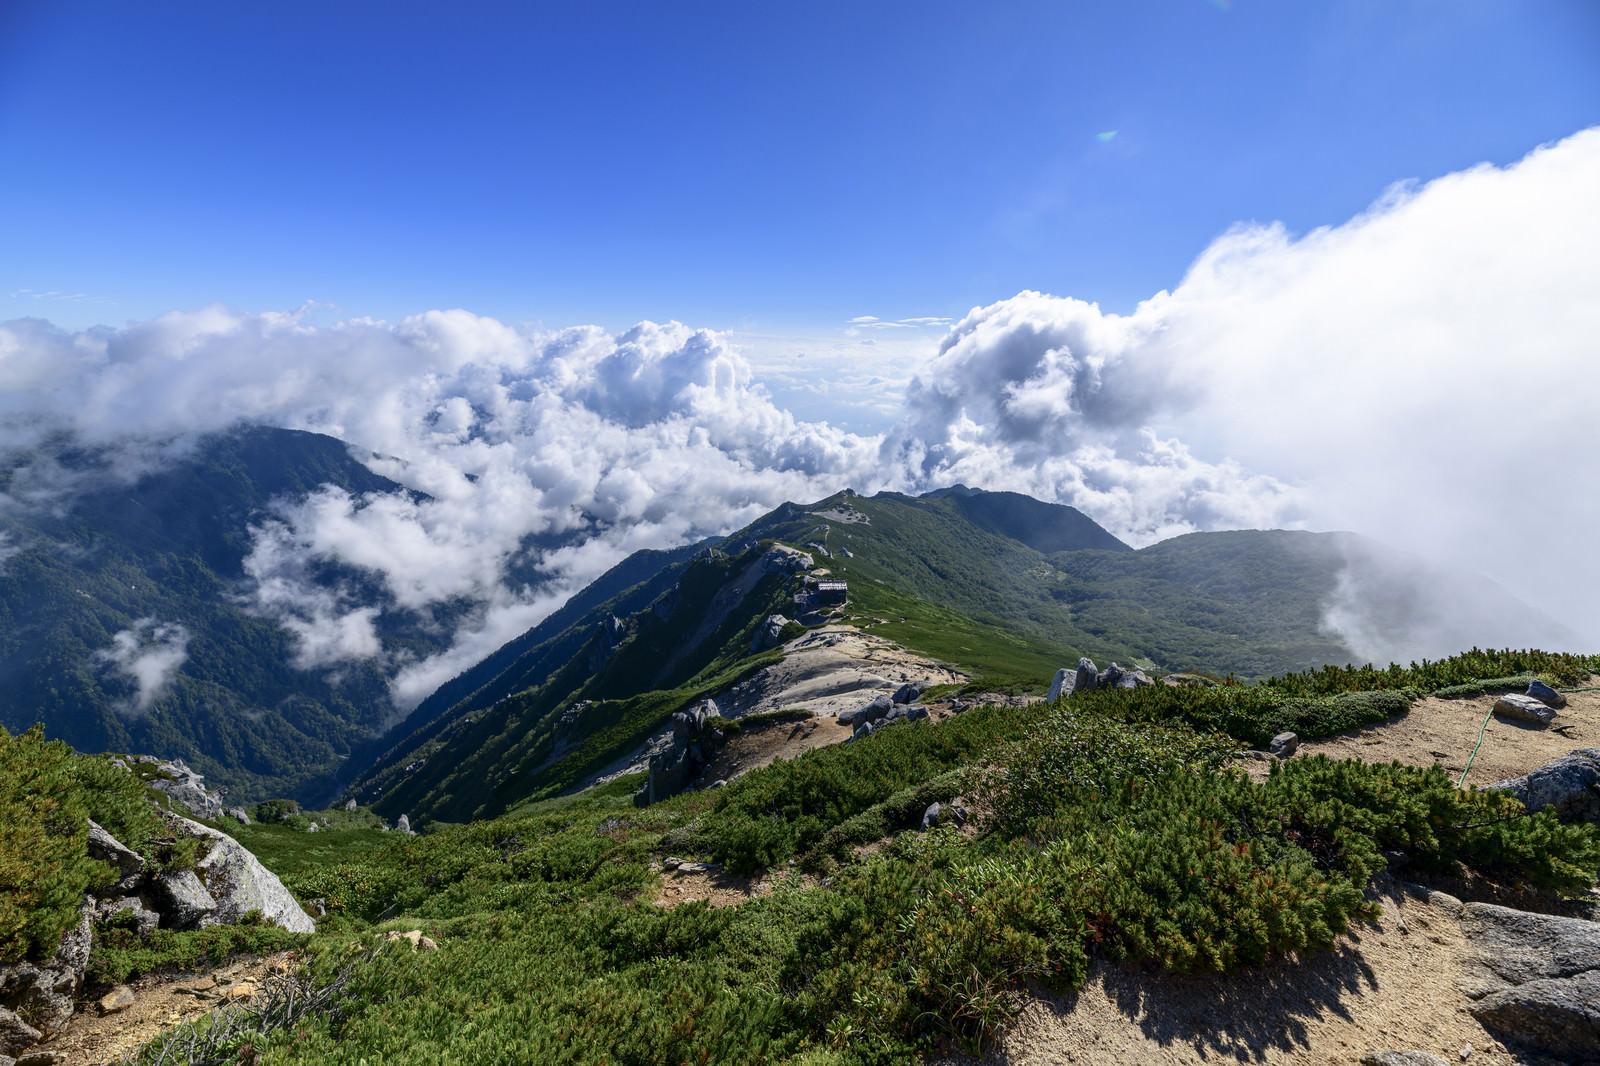 「真っ青な青空と駒峰ヒュッテへの稜線」の写真